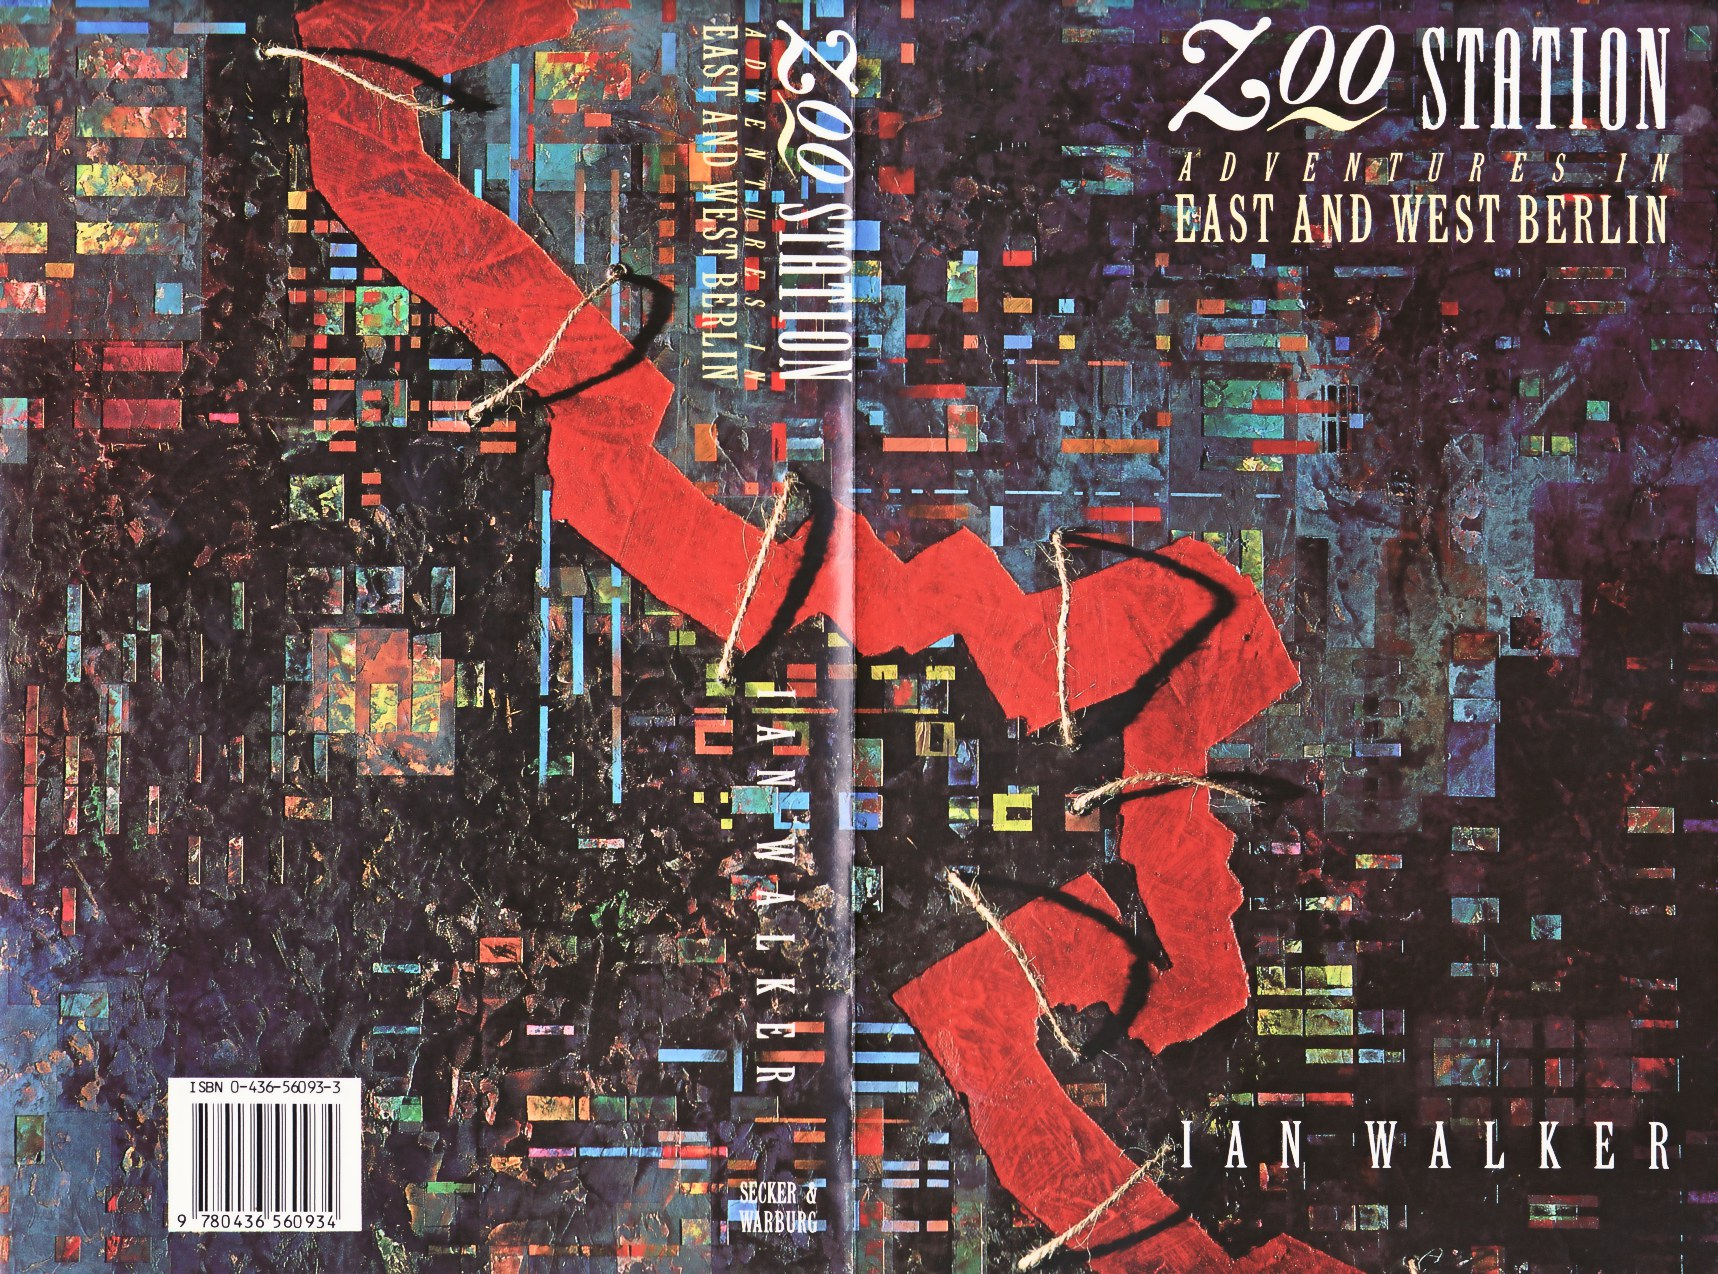 Ian Walker- Zoo Station